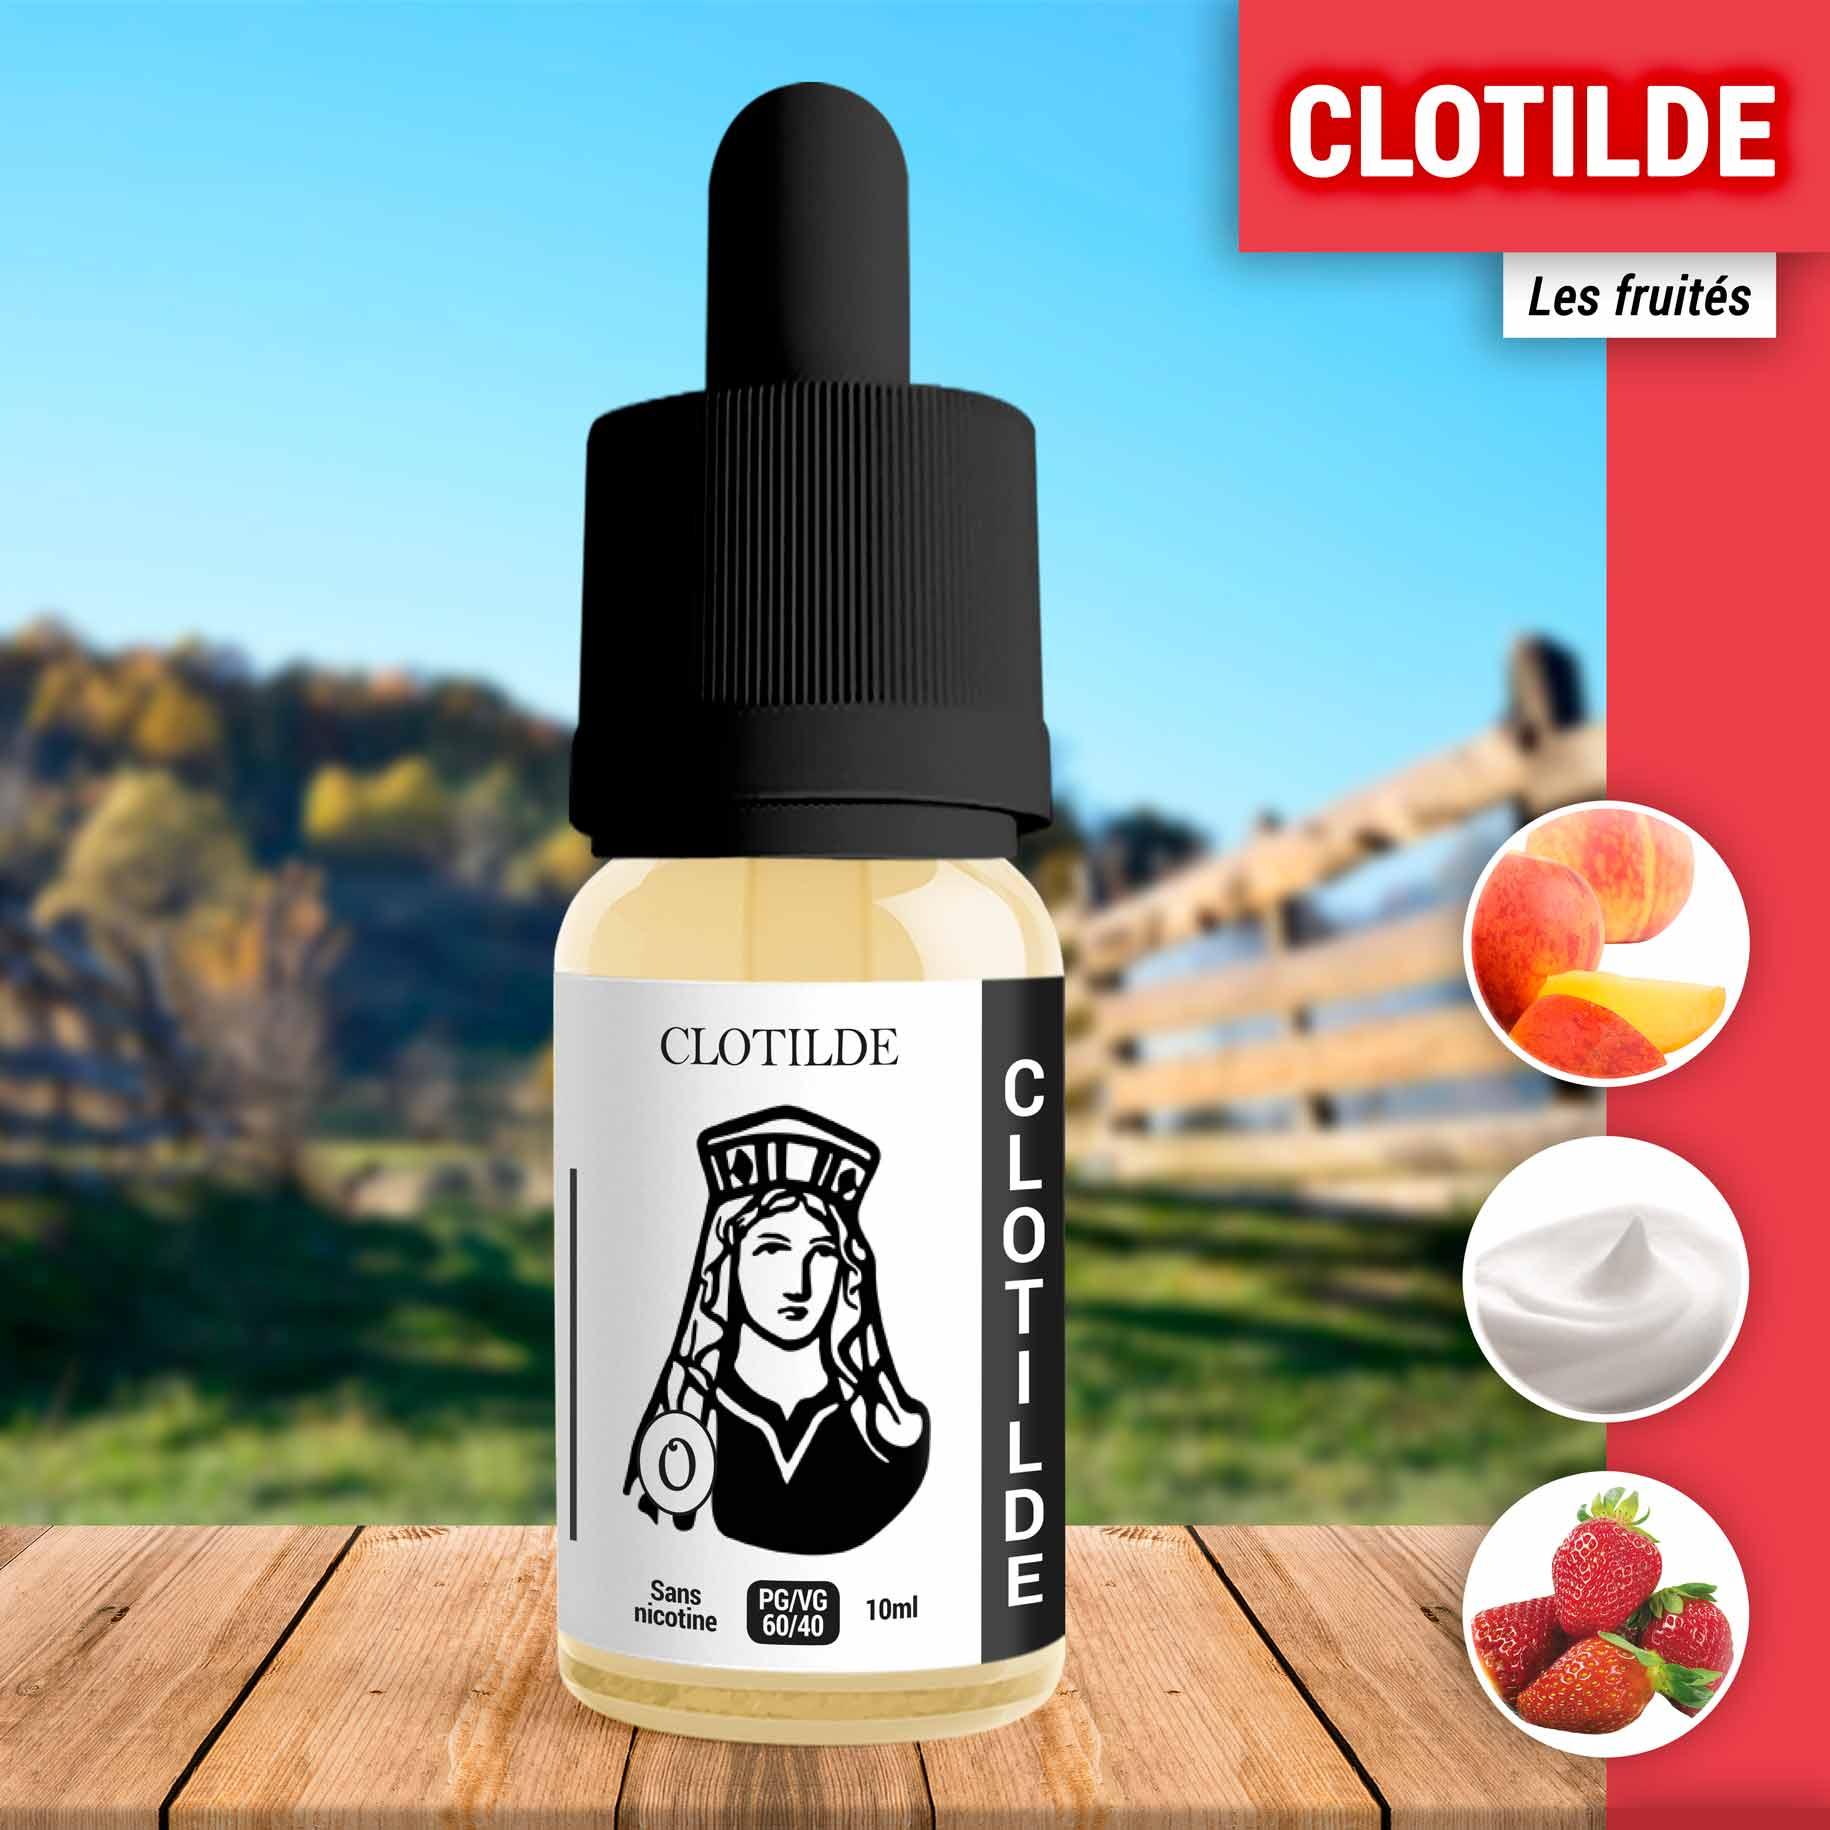 E-liquide Clotilde 10ml